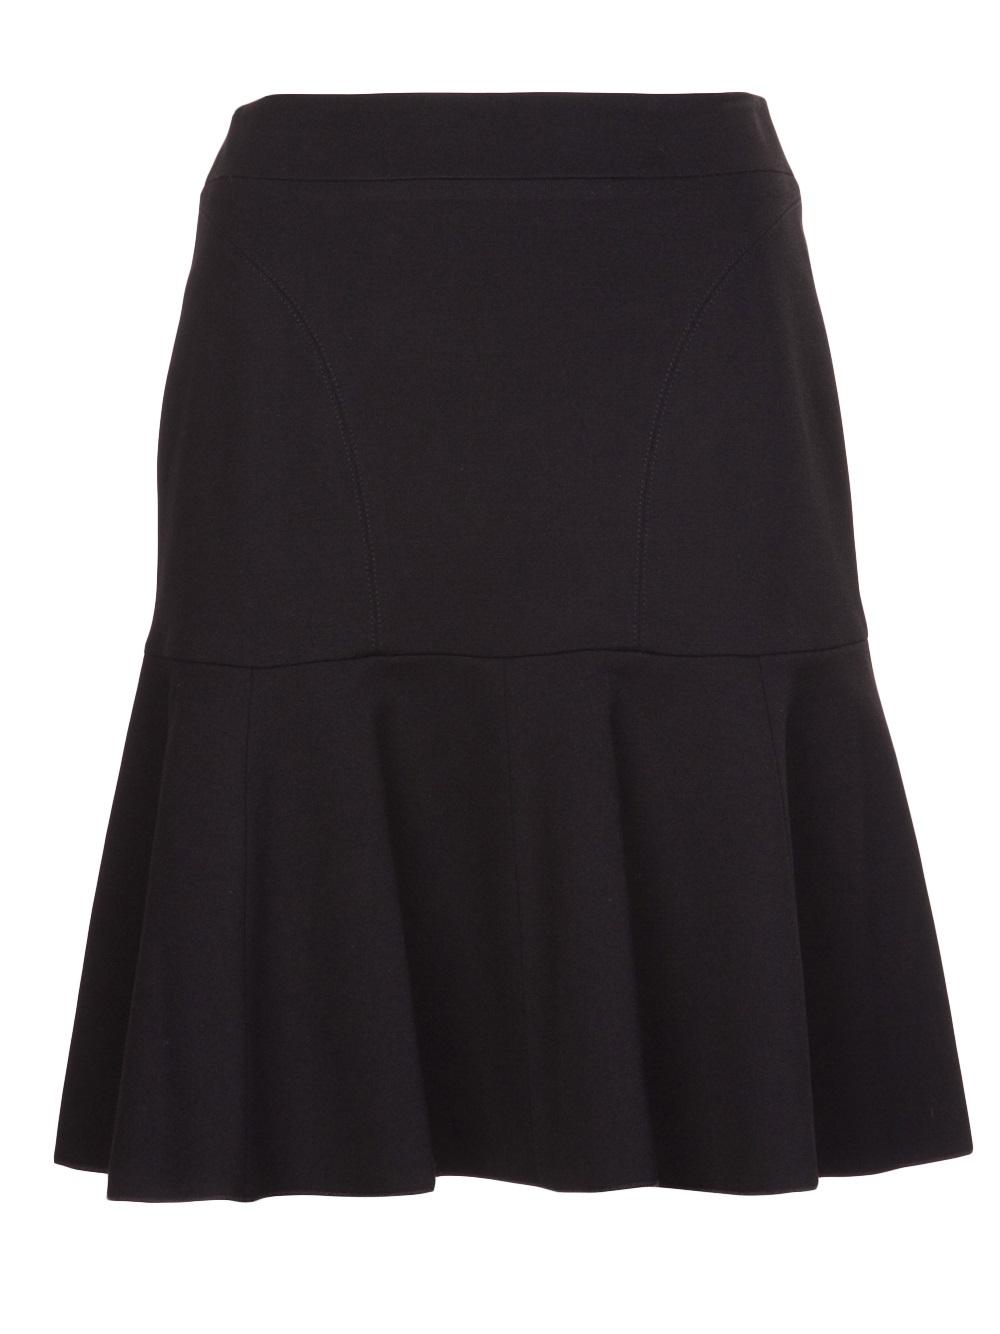 n 176 21 ponte knit aline skirt in black lyst